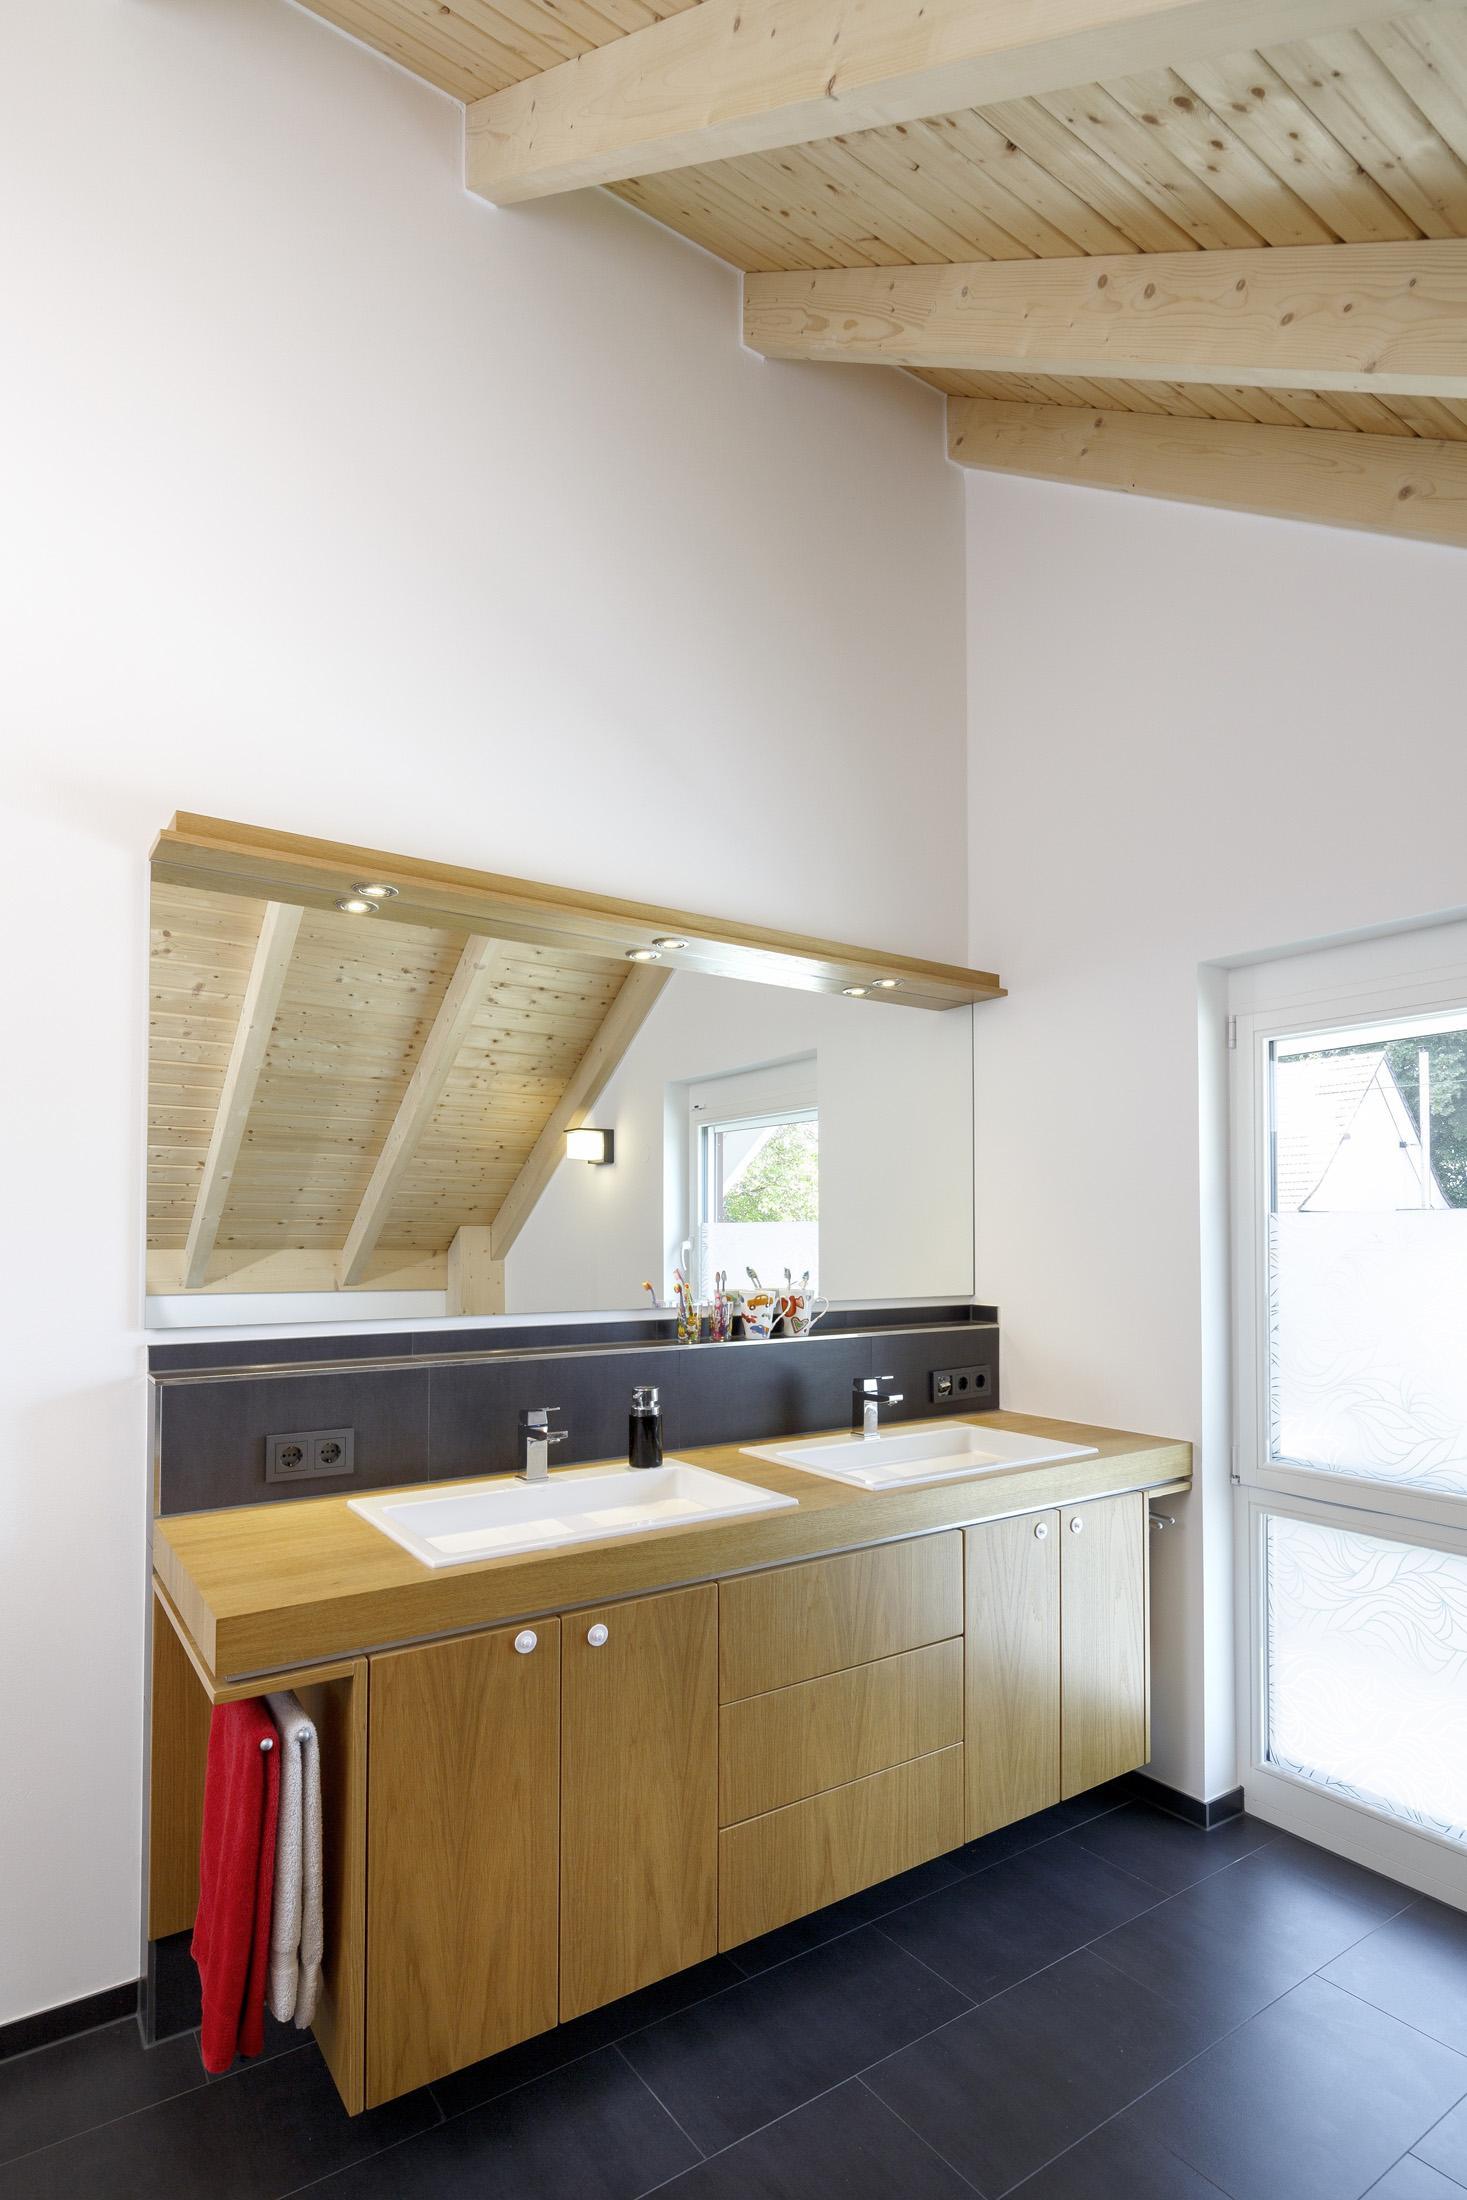 Waschtisch Fur Zwei Dachschrage Deckenpaneel Flie